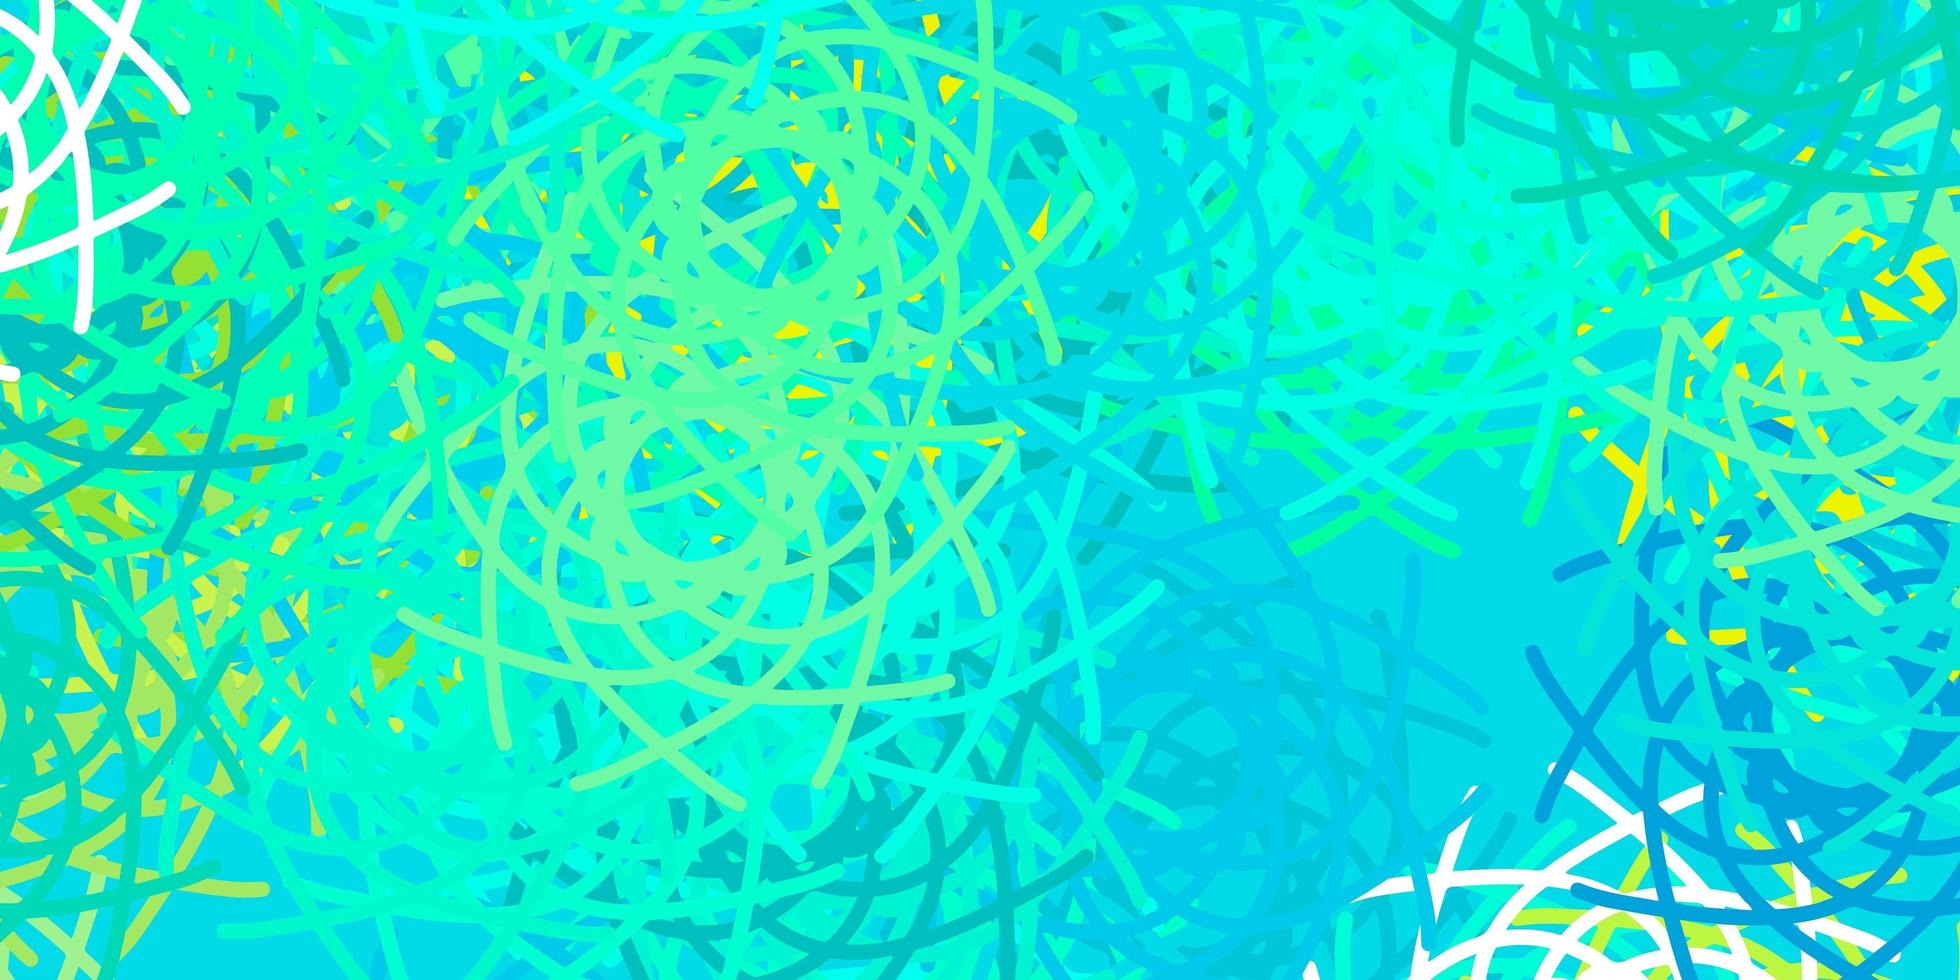 texture vecteur vert clair avec des formes de memphis.